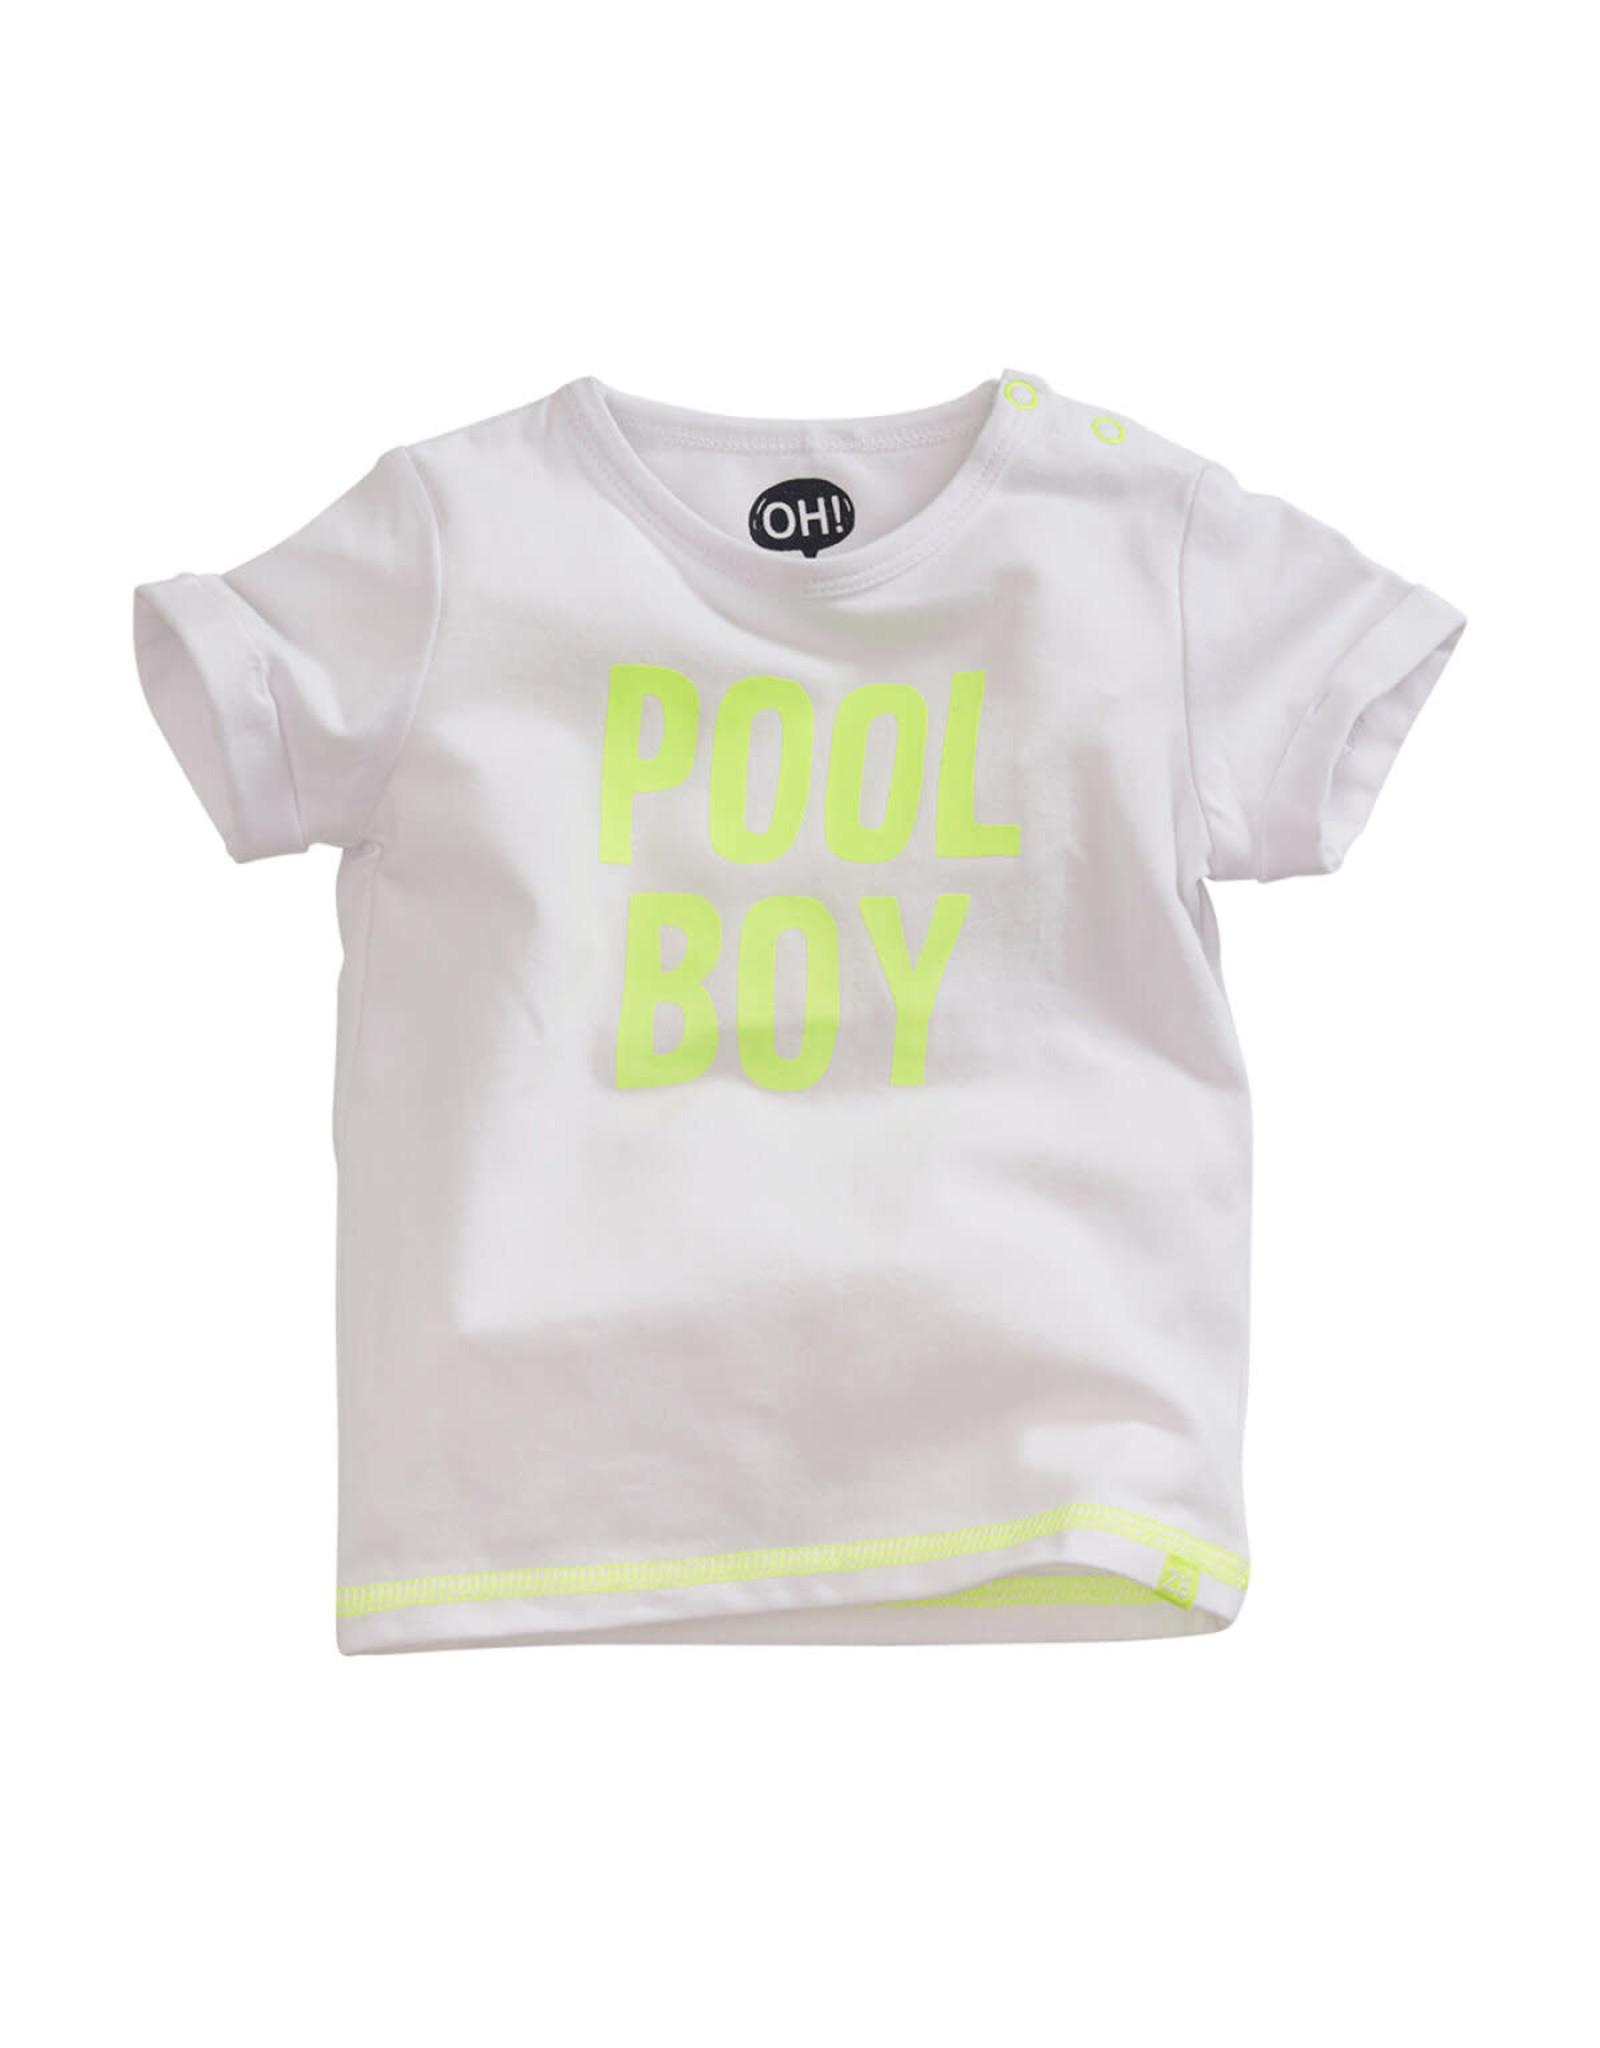 Z8 Paco T-Shirt